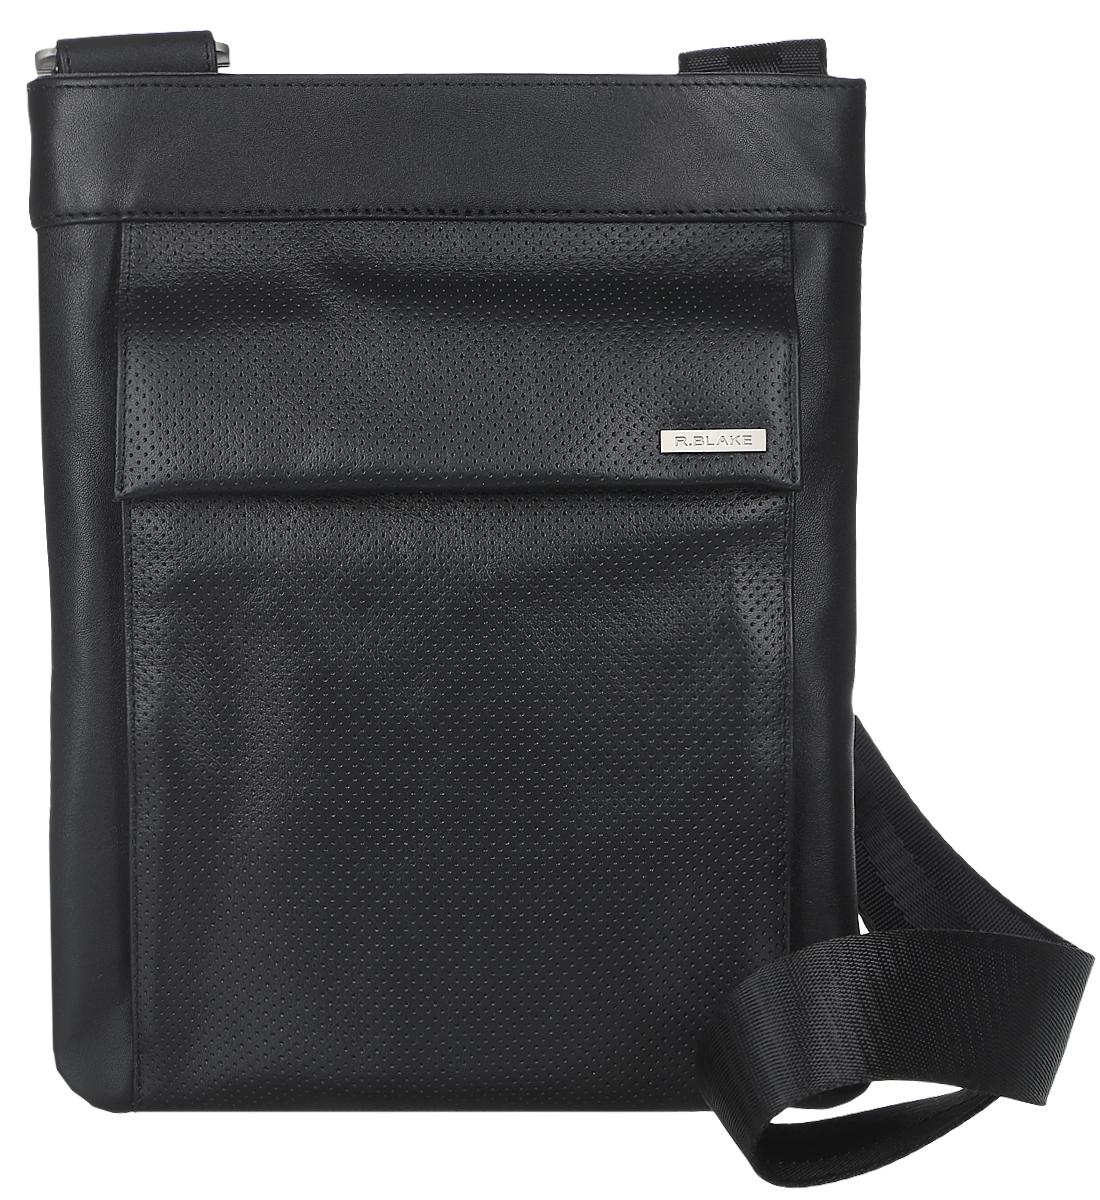 Сумка-планшет мужская R.Blake Orso Sport, цвет: черный. GORS00-00ML06-A0201O-K101GORS00-00ML06-A0201O-K101Стильная мужская сумка-планшет R.Blake Orso Sport, выполненная из натуральной кожи и текстиля, оформлена легкой перфорацией. Сумка имеет одно основное отделение, которое закрывается на застежку-молнию. Внутри находятся прорезной карман на застежке-молнии и накладной открытый карман. Снаружи, на передней стенке расположен накладной карман, закрывающийся на клапан с магнитными кнопками, на задней стенке - нашивной открытый карман. Сумка оснащена регулируемым текстильным плечевым ремнем.